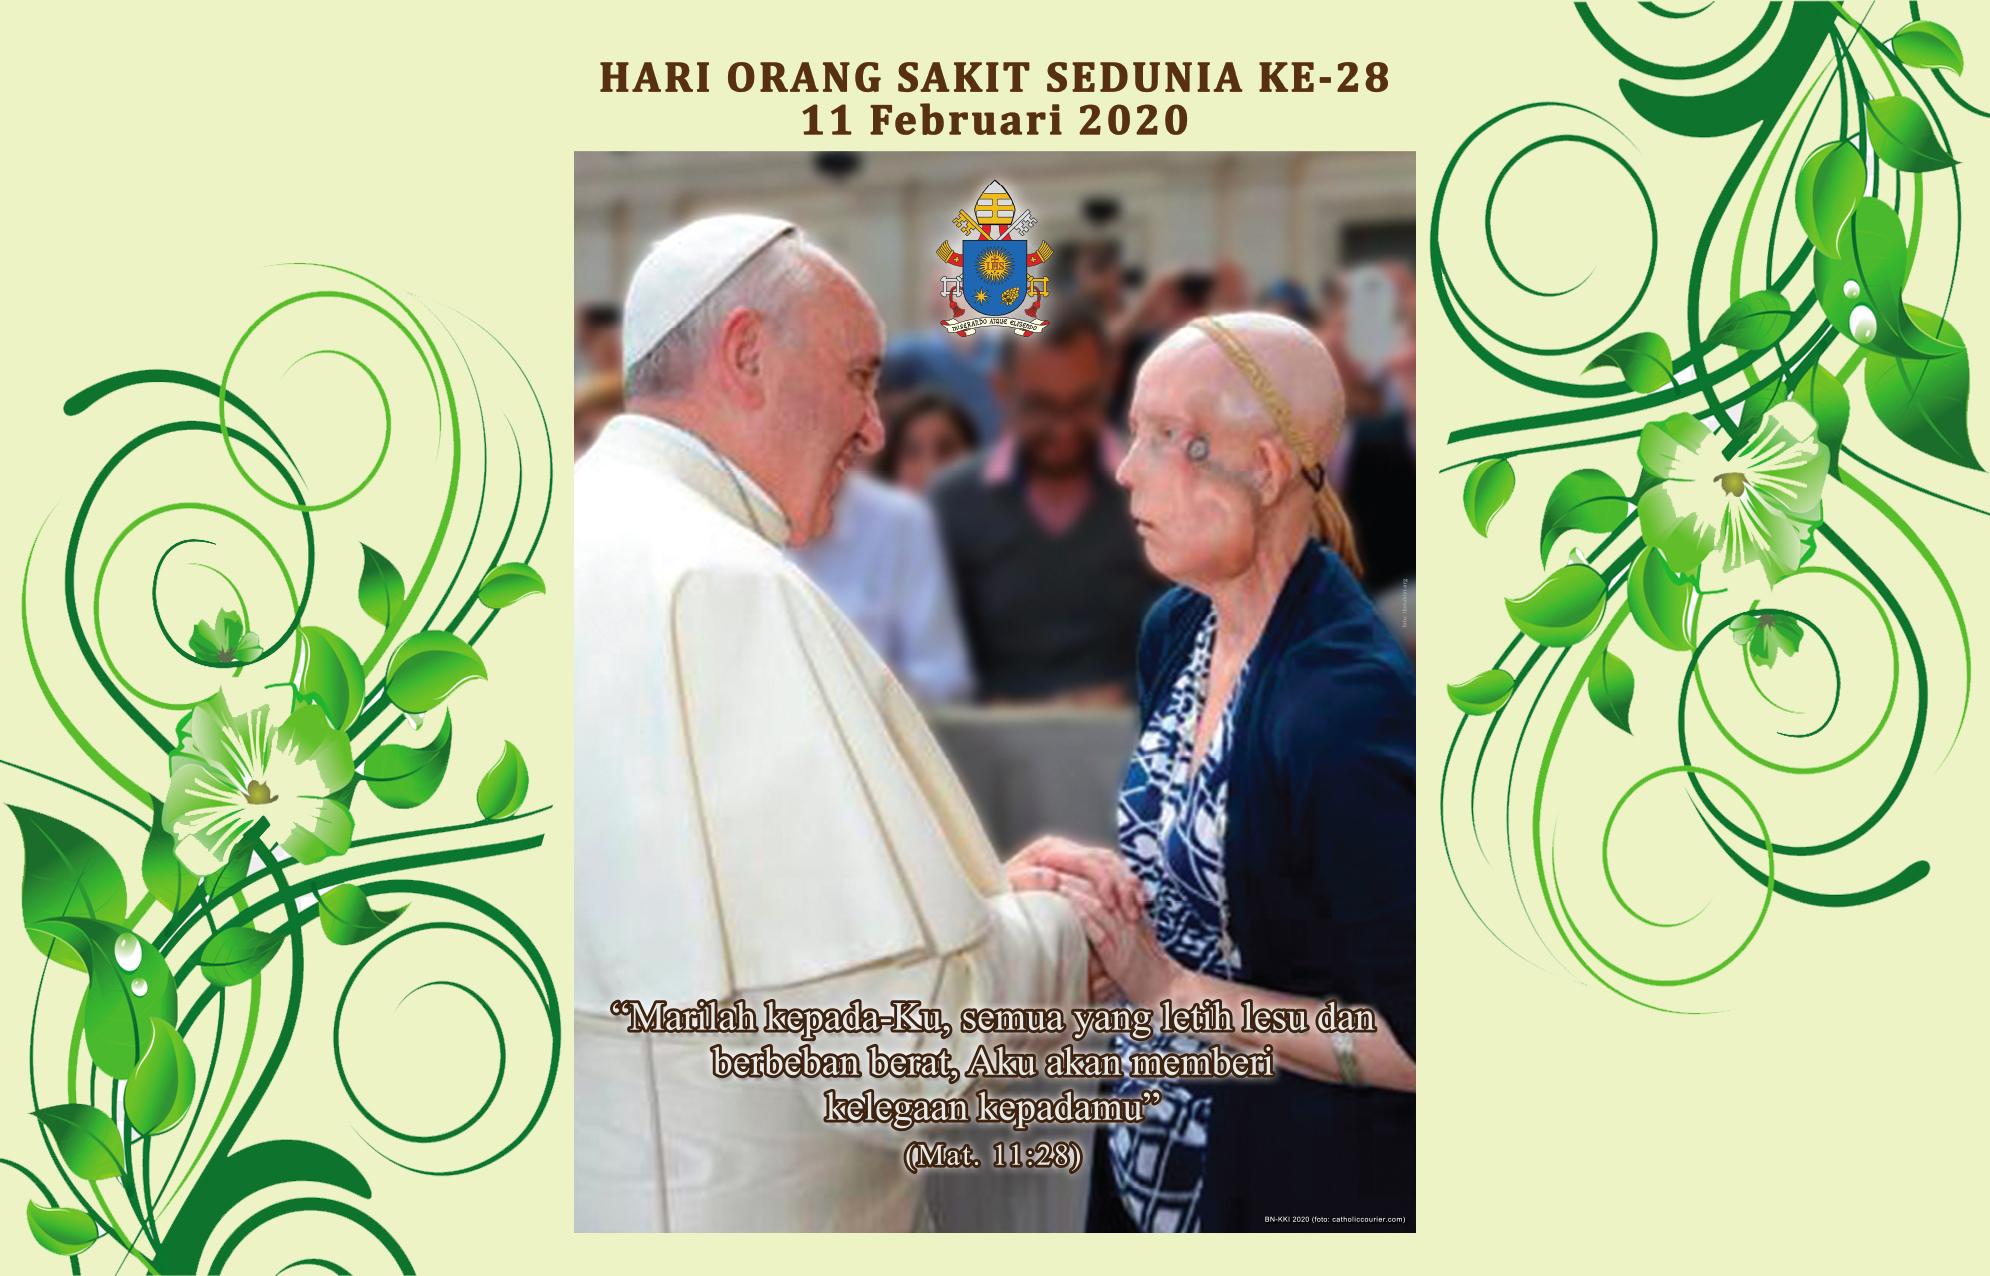 11 Februari, Bapa Suci, Hari Orang Sakit Sedunia Ke-28, Katekese, Komsos KWI, Konferensi Waligereja Indonesia, Paus Fransiskus, Perayaan Ekaristi, Yesus Kristus